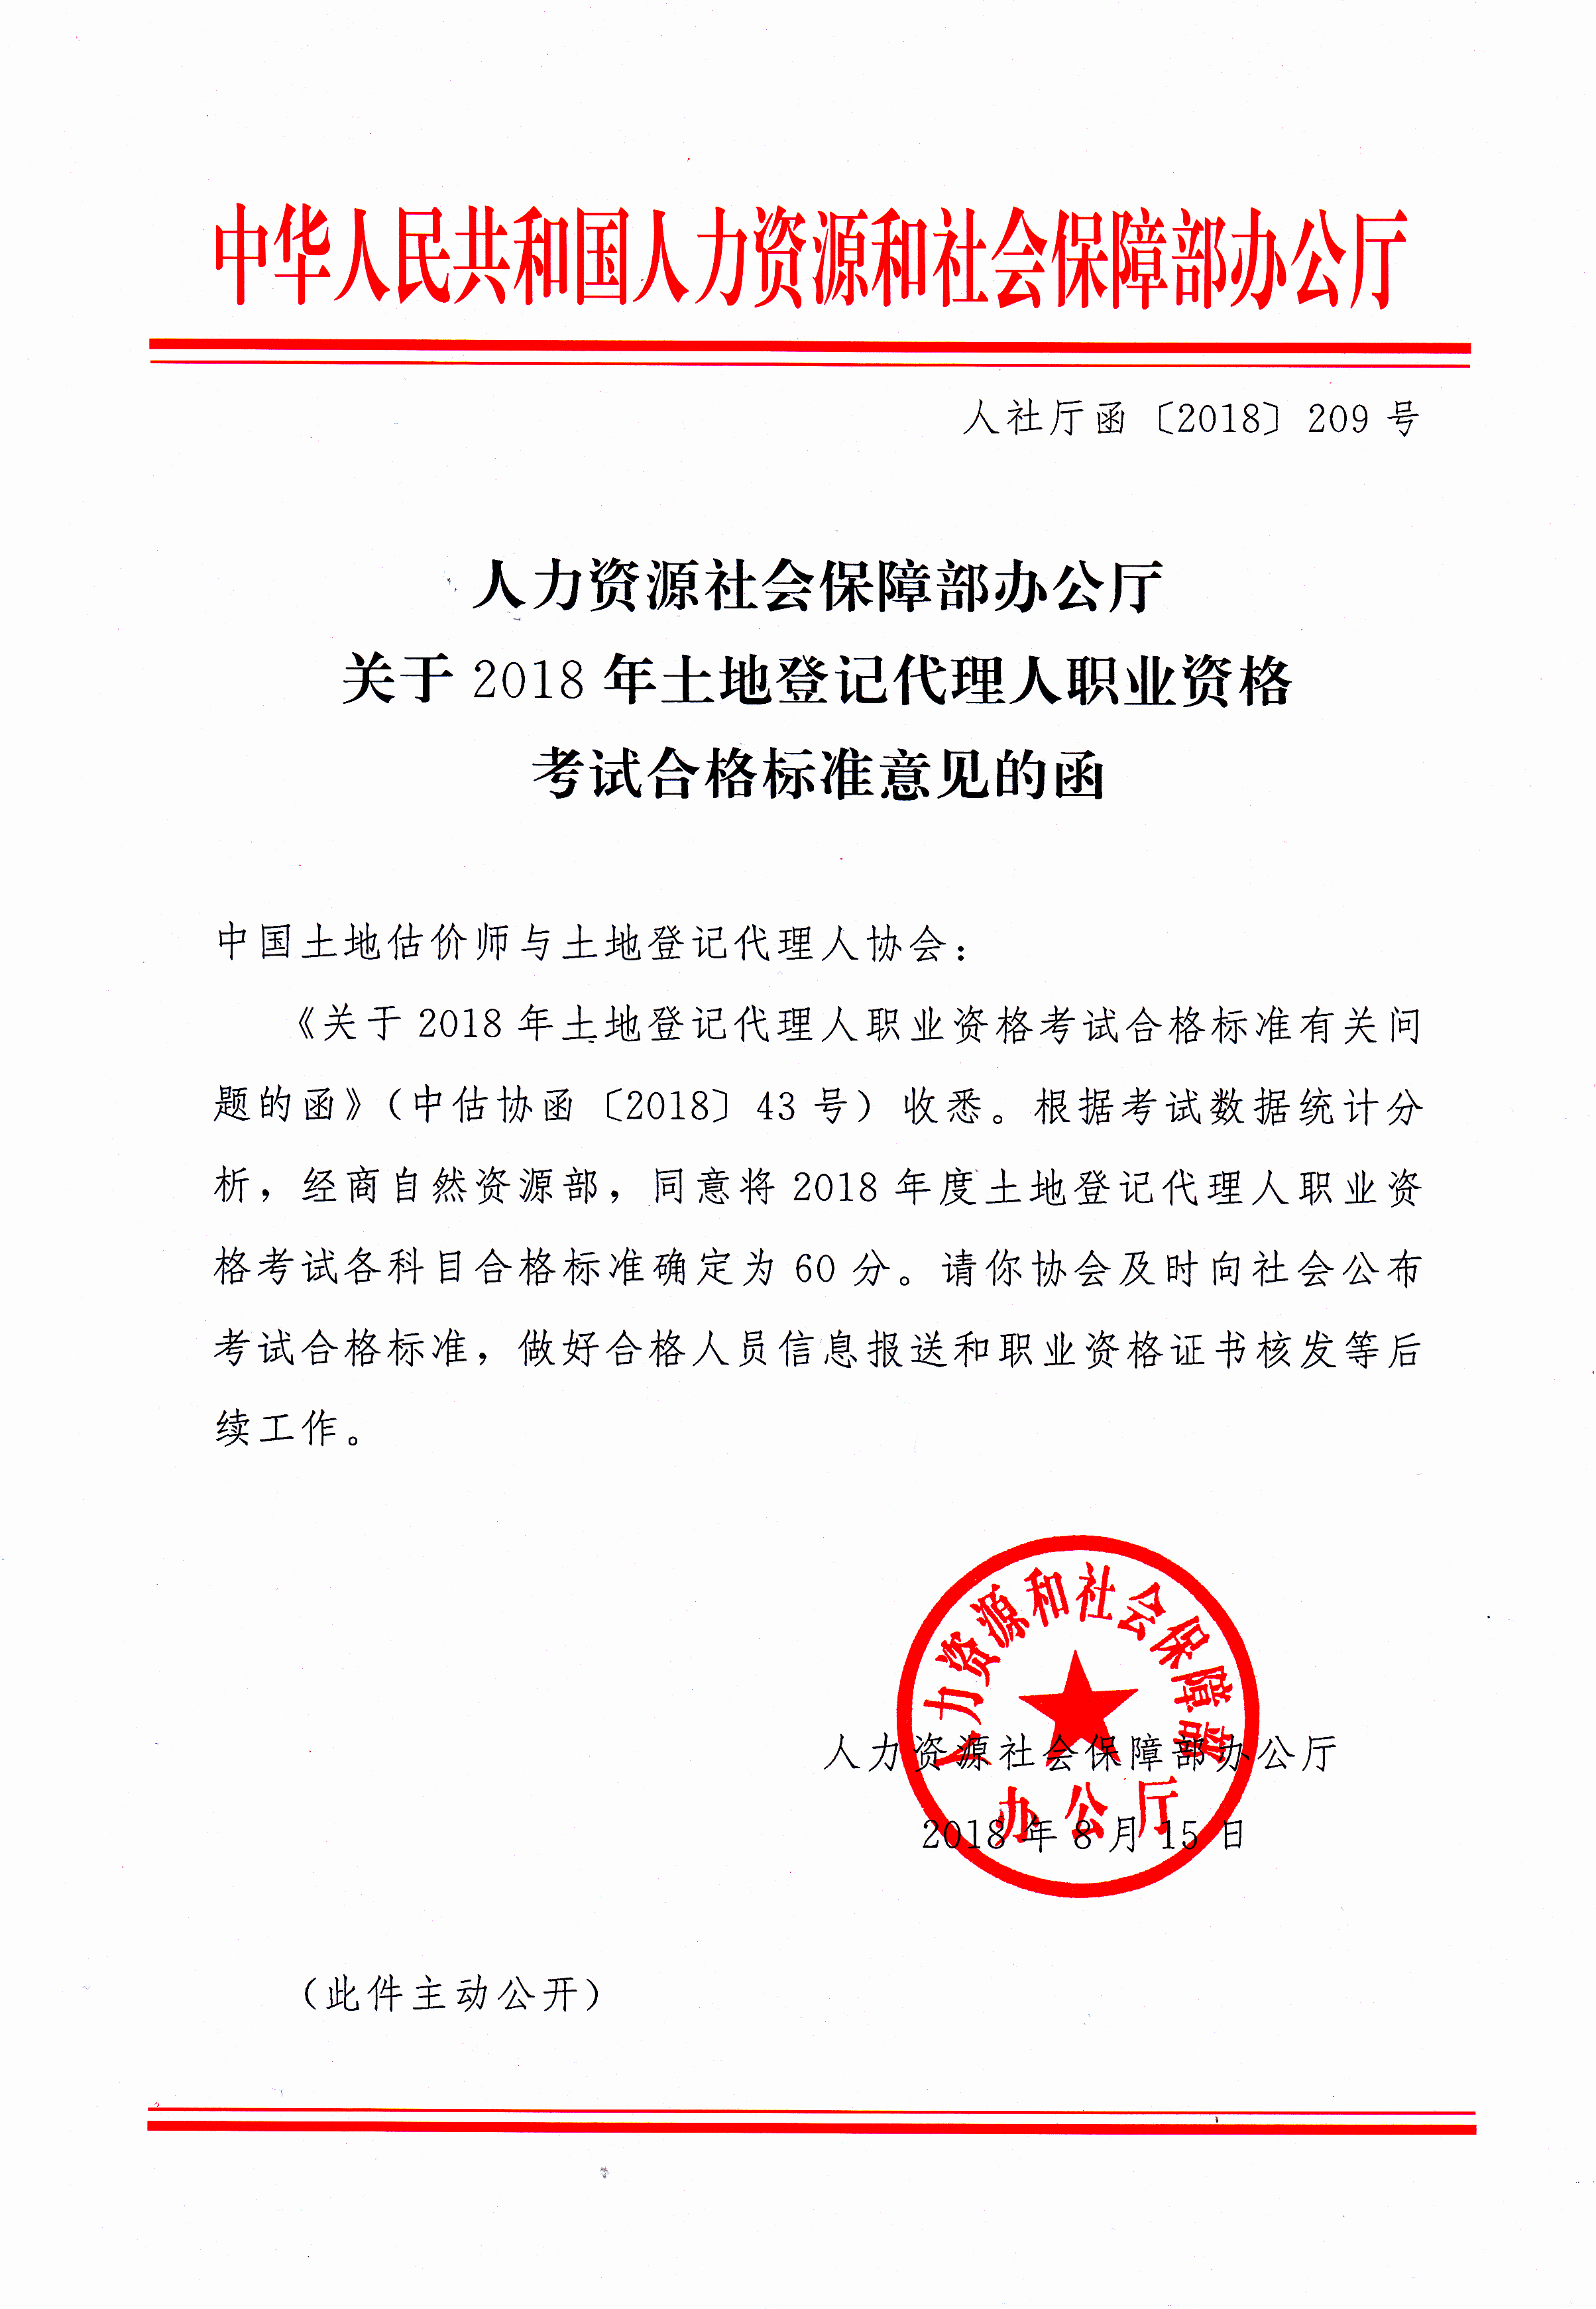 广东2018年土地登记代理人职业资格考试合格标准